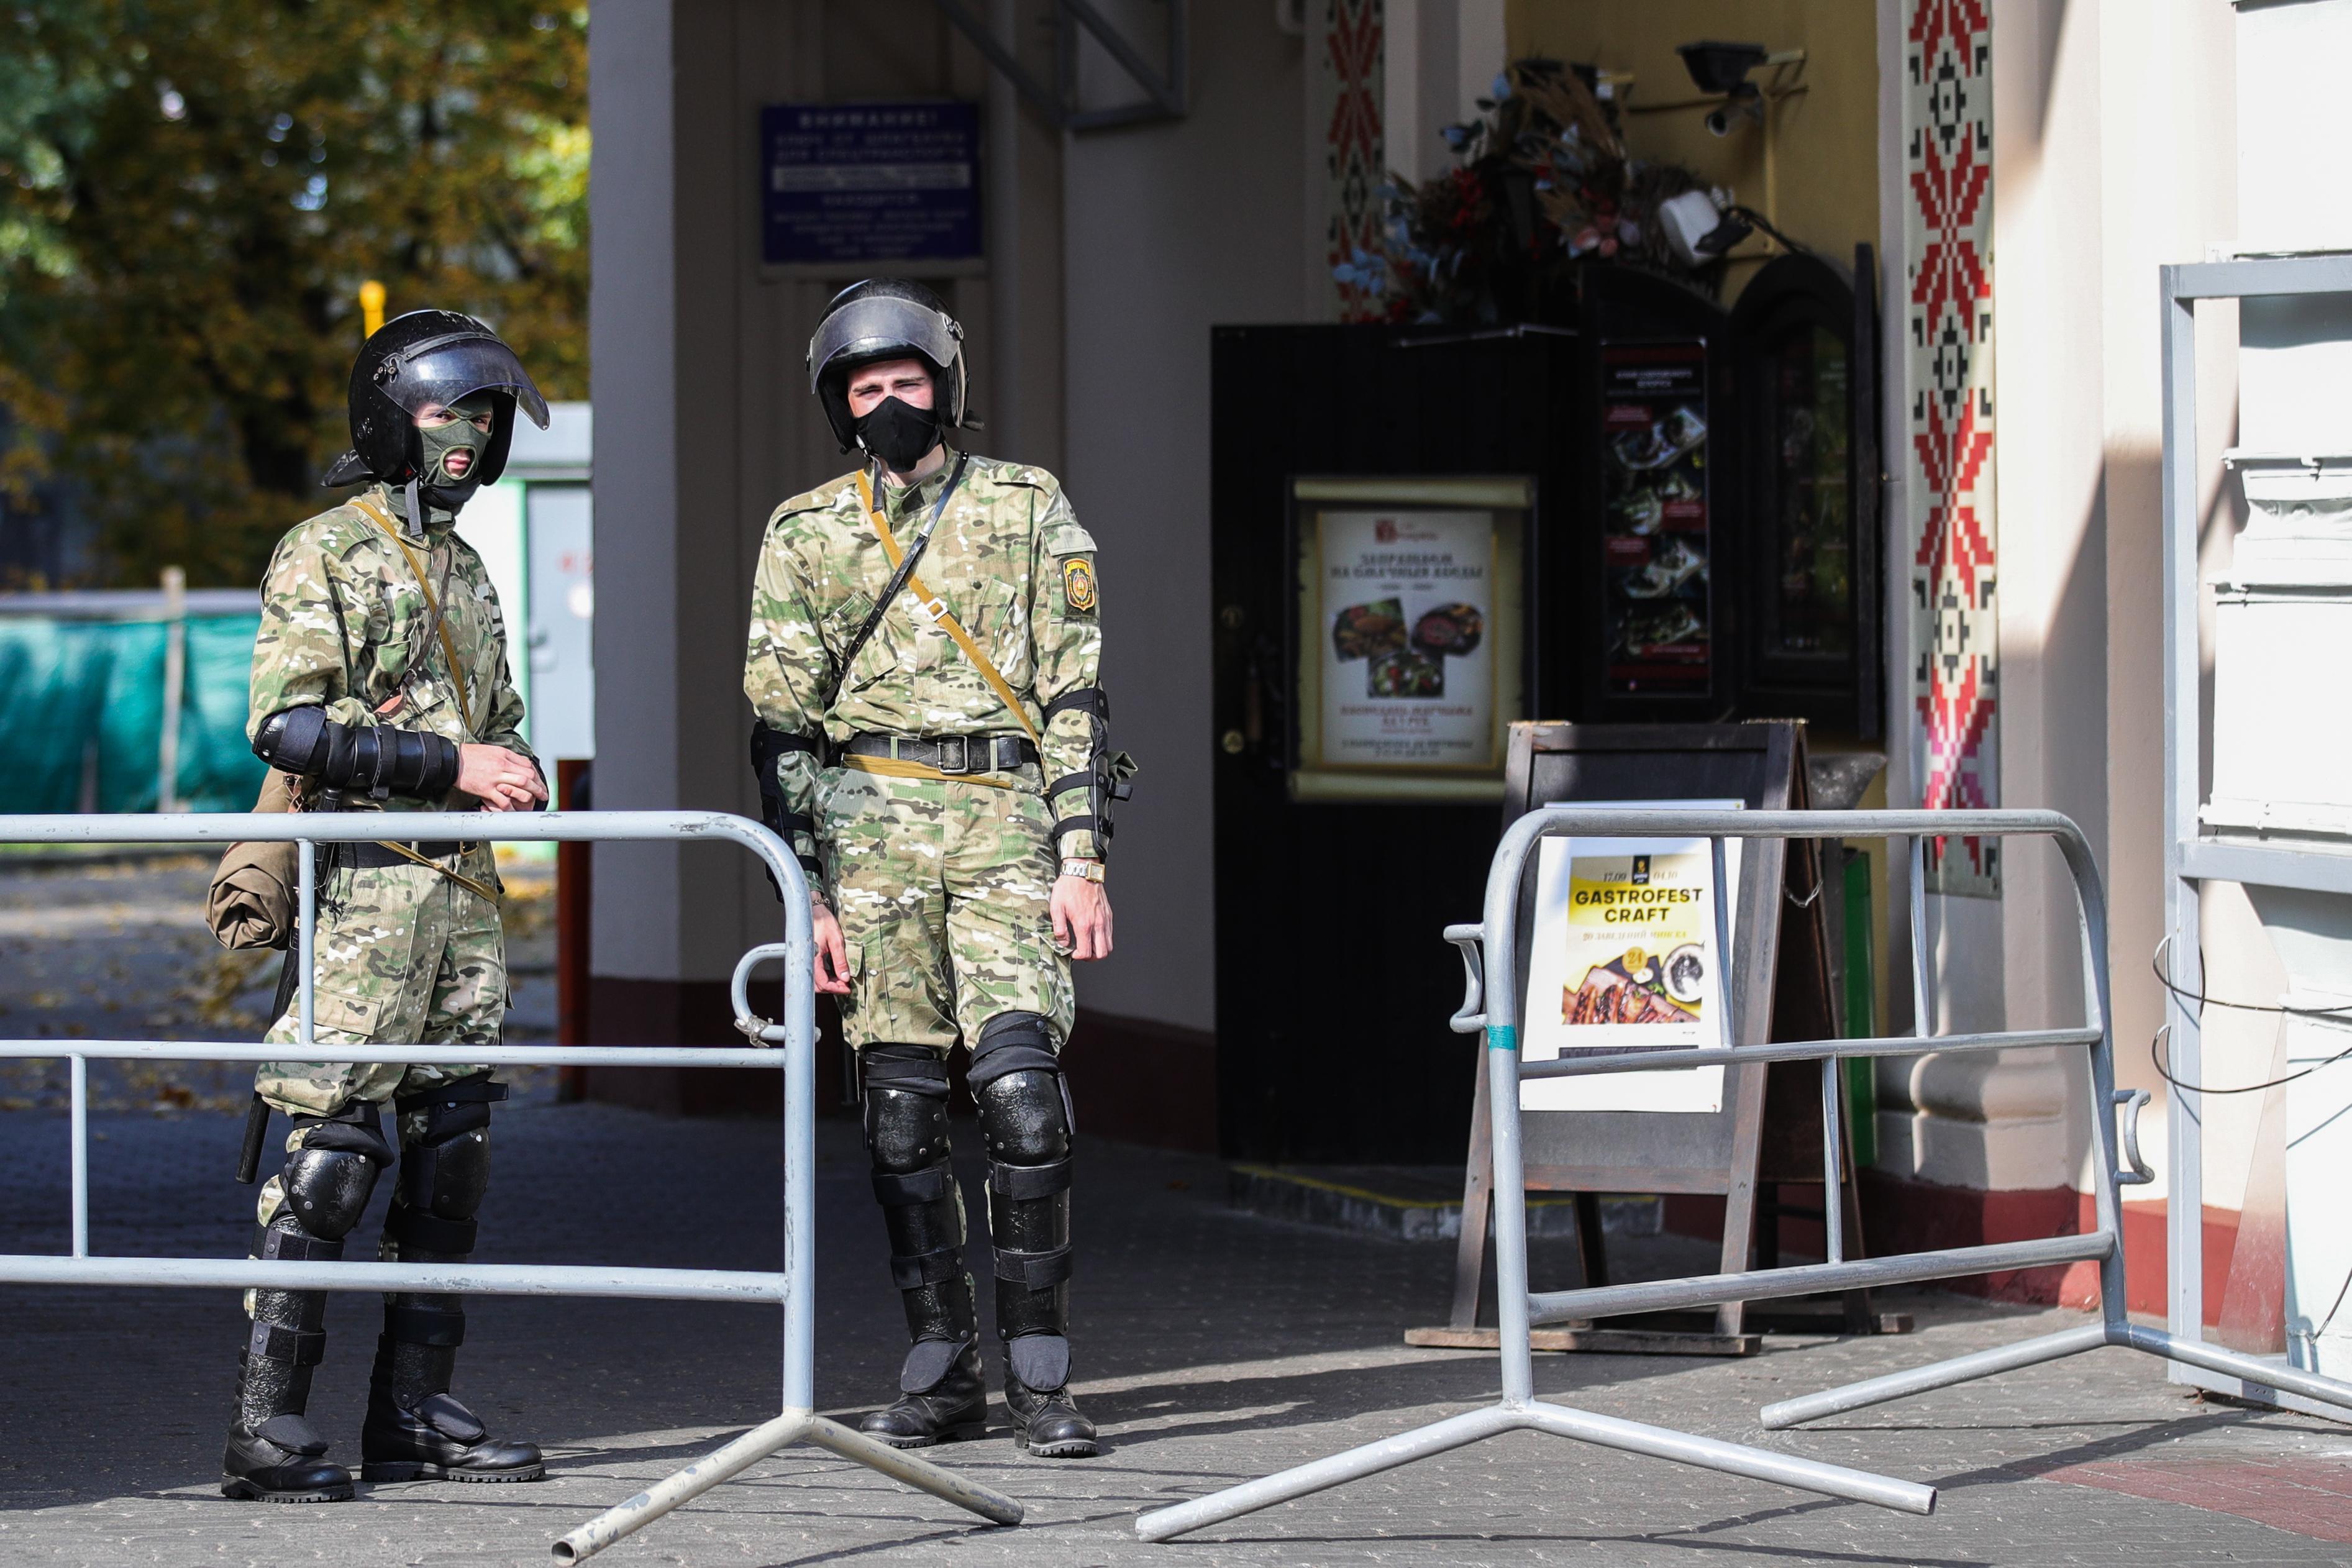 Закрытие метро, ОМОН и военные. В Минске вводят ограничения перед массовым митингом